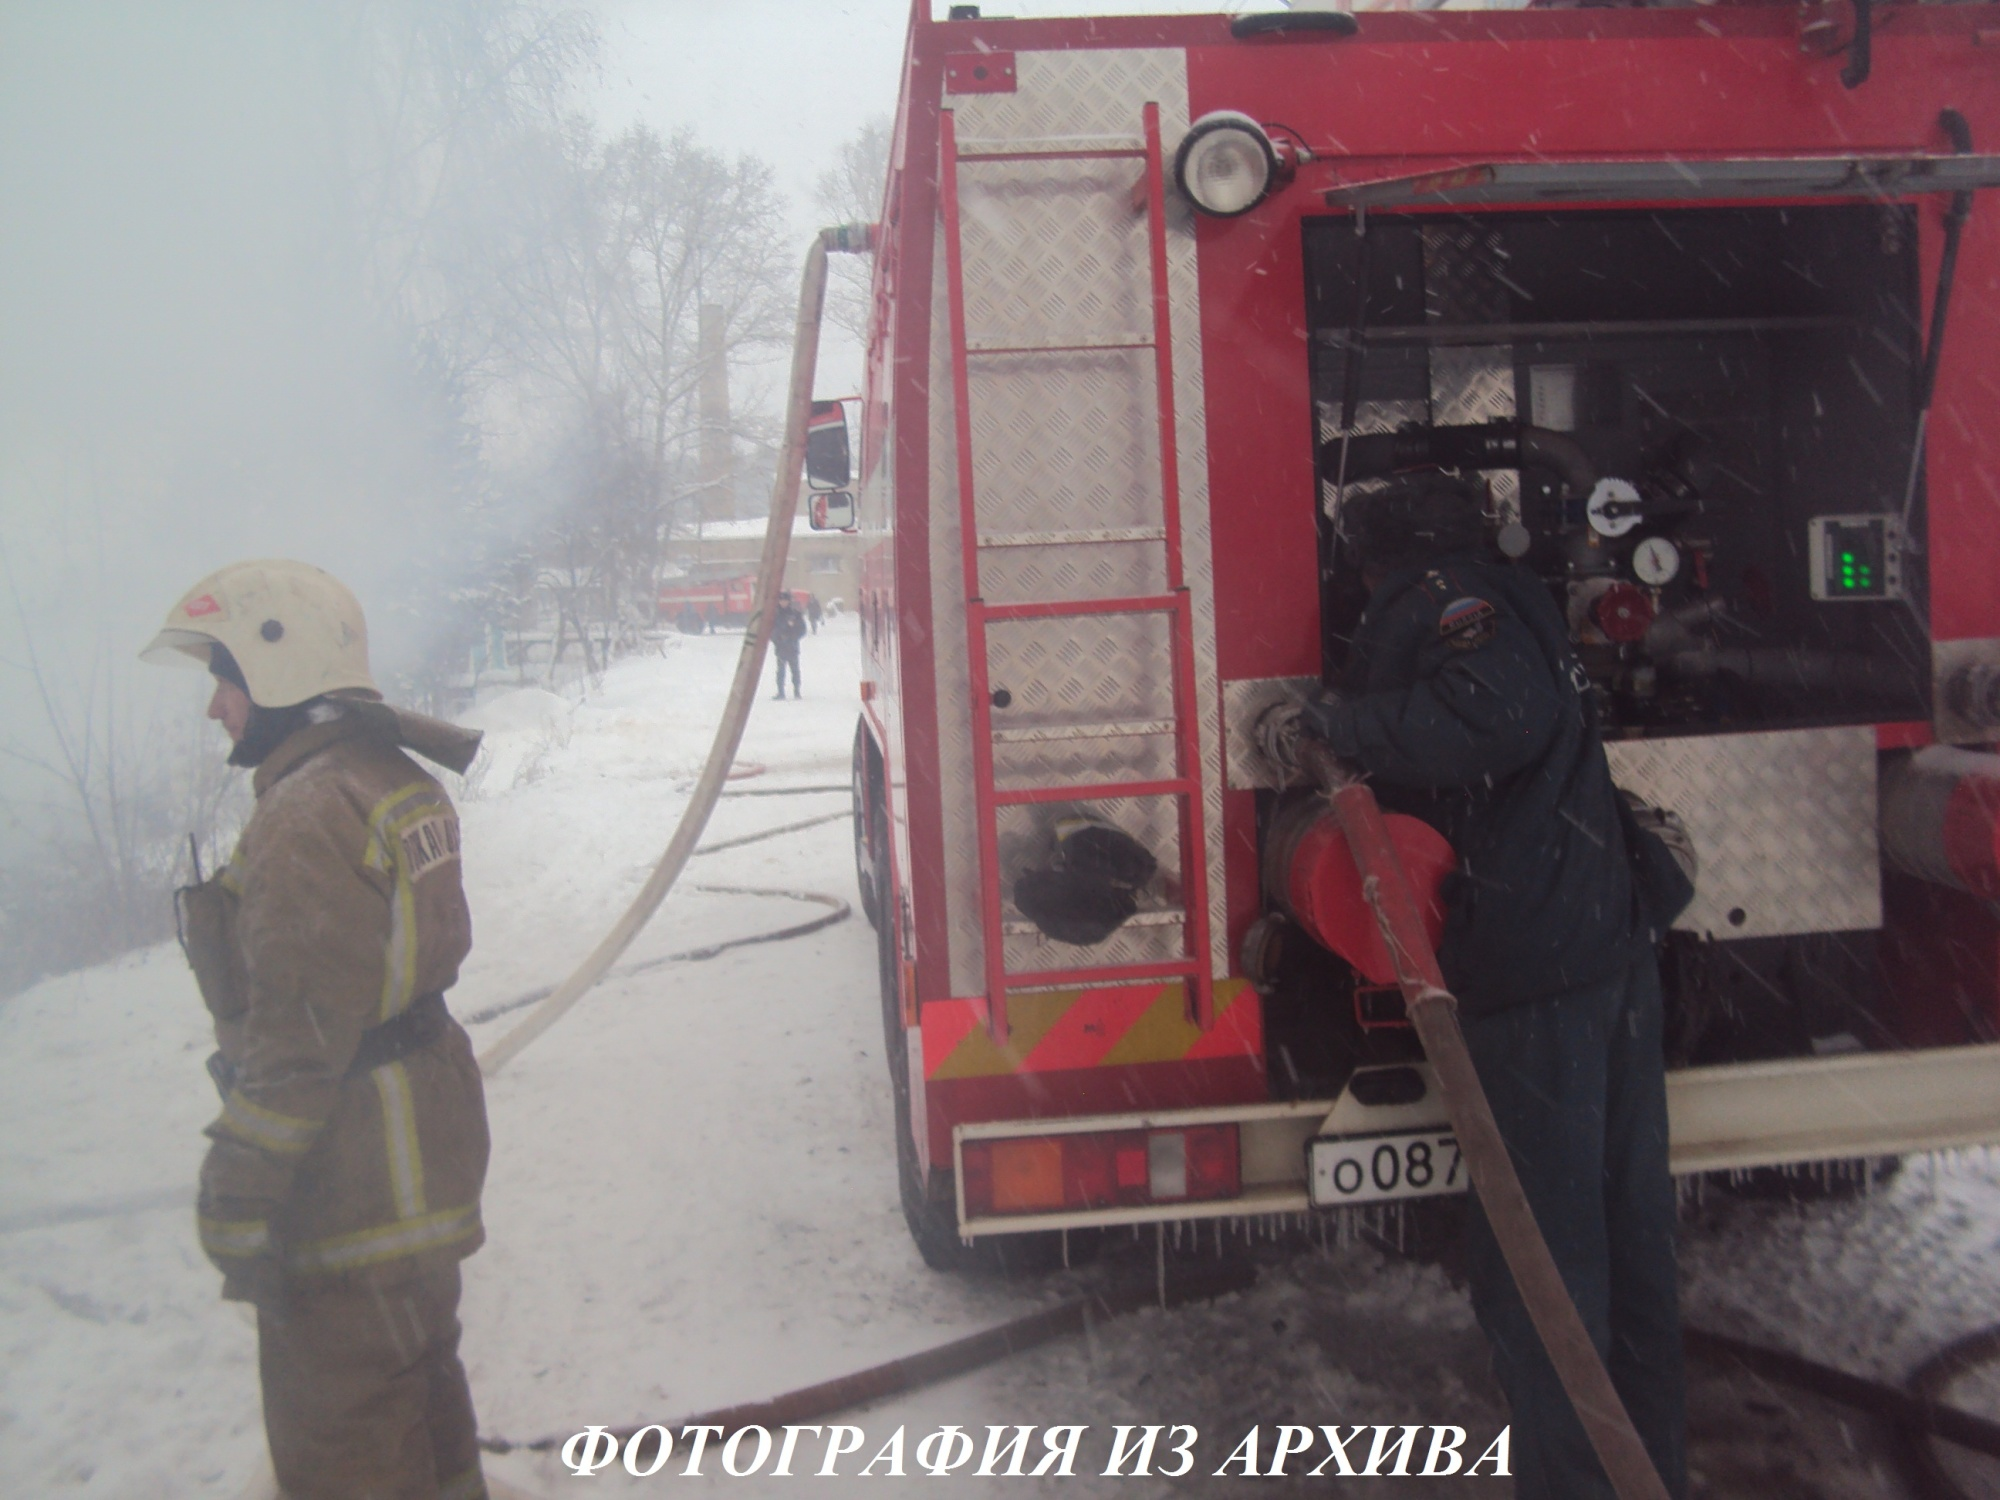 Пожар в Павинском районе локализован